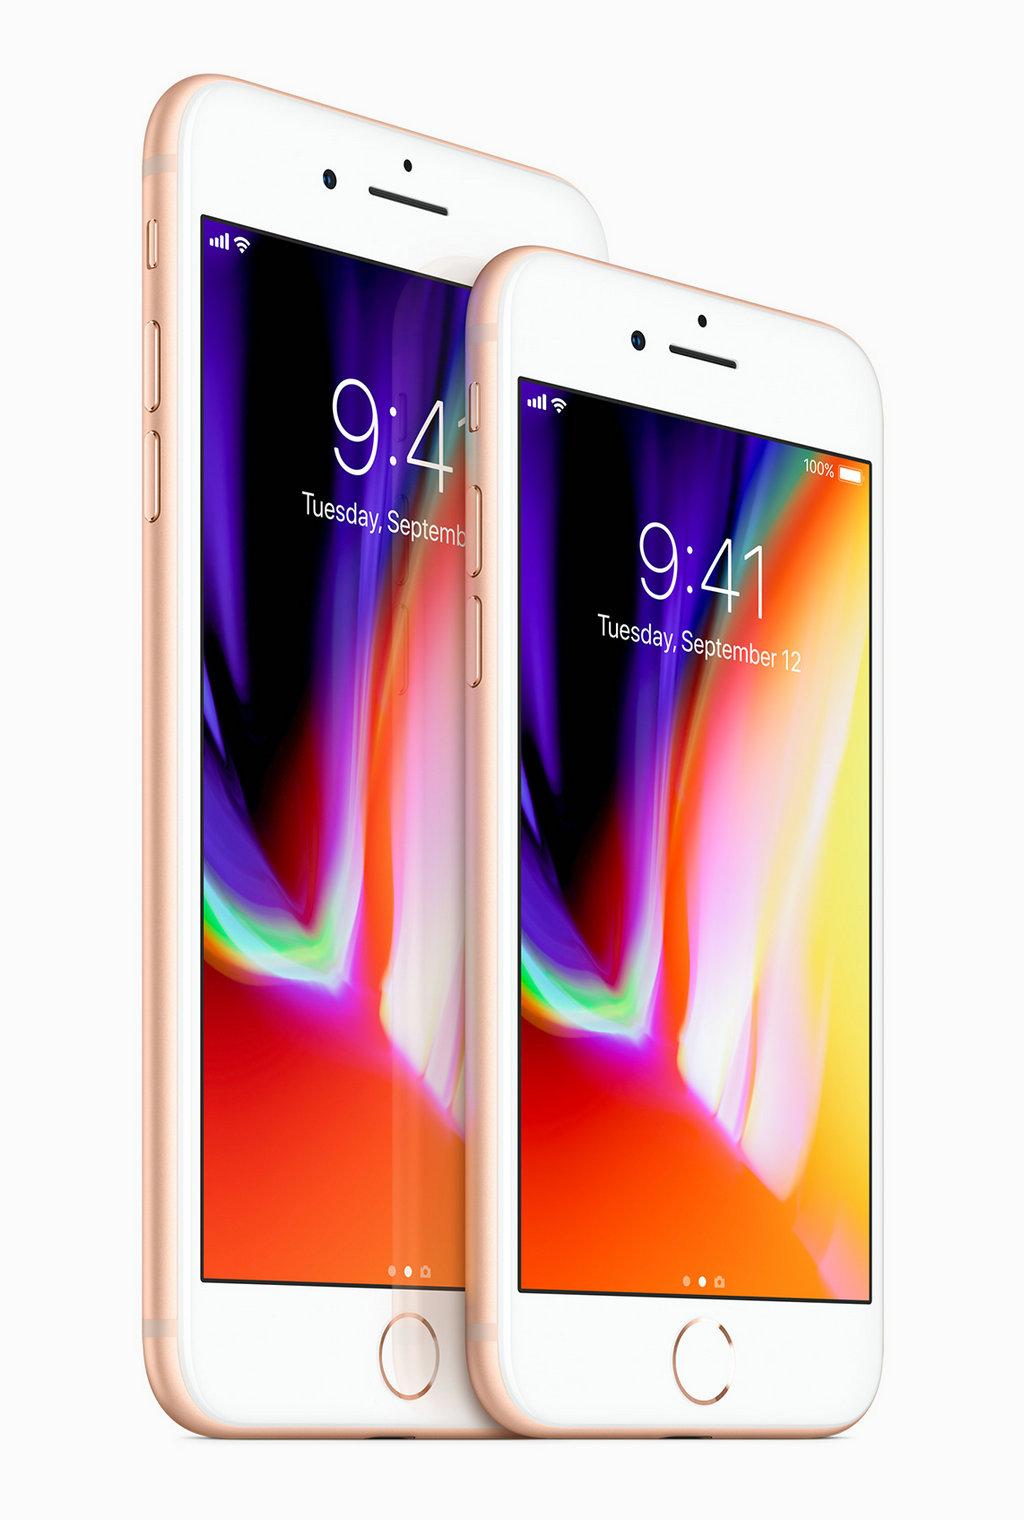 iPhone 8 和 iPhone 8 Plus 的机身前后皆采用 iPhone 上迄今最坚固耐用的玻璃面板,还配备了采用原彩显示技术的视网膜高清显示屏,并专为实现优异的增强现实体验而设计。